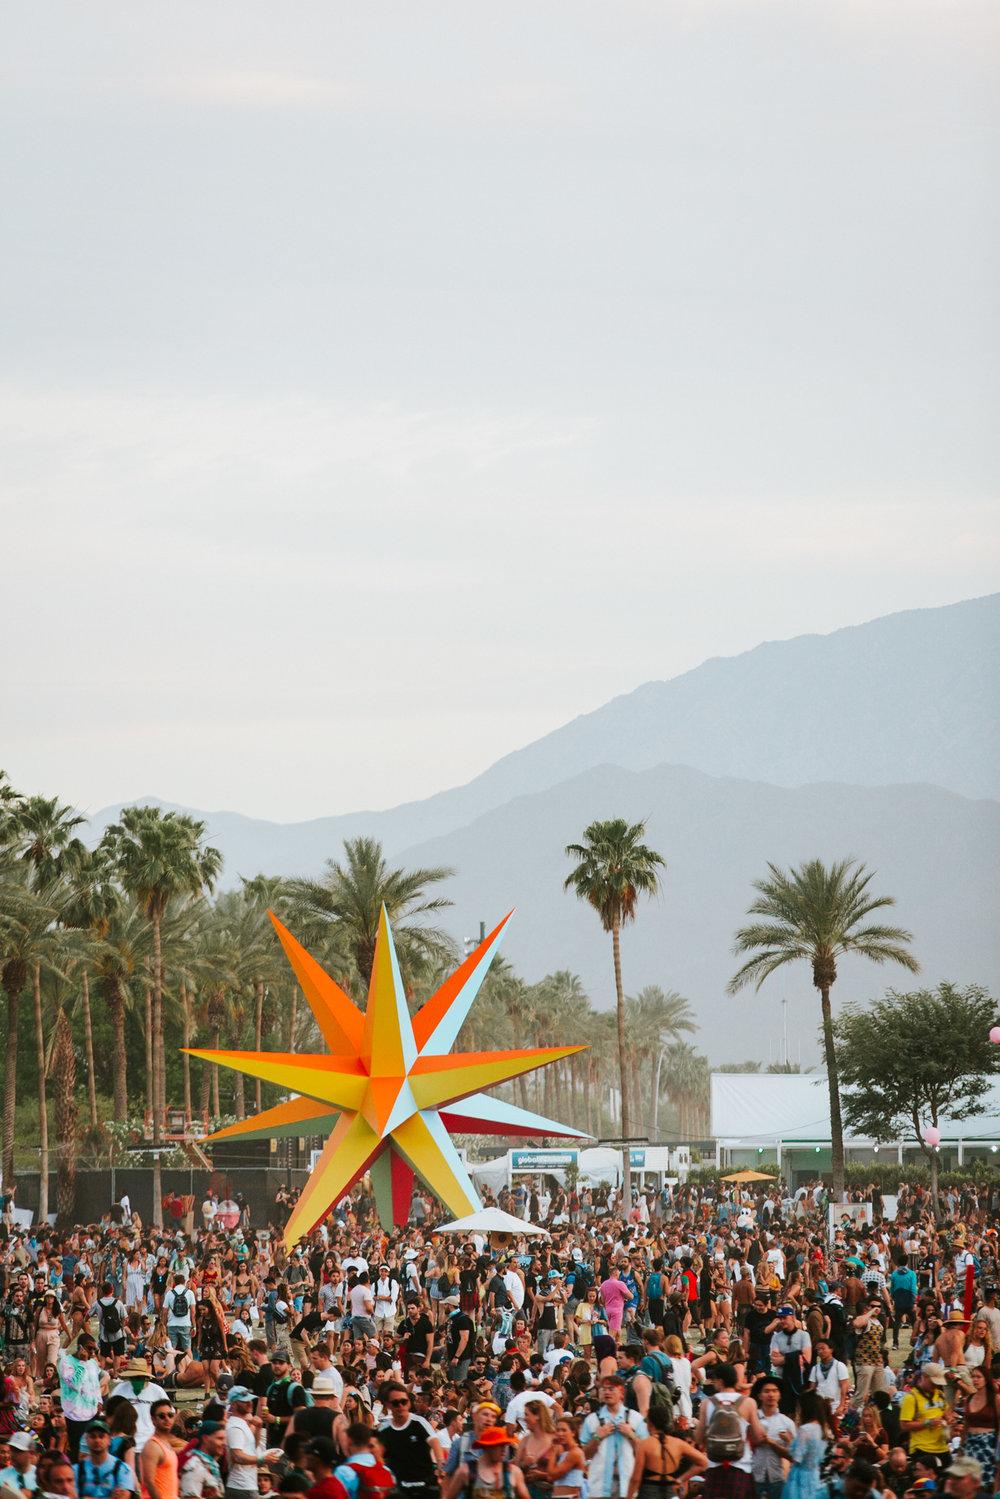 Coachella18_W1_IngestA_025128.jpg